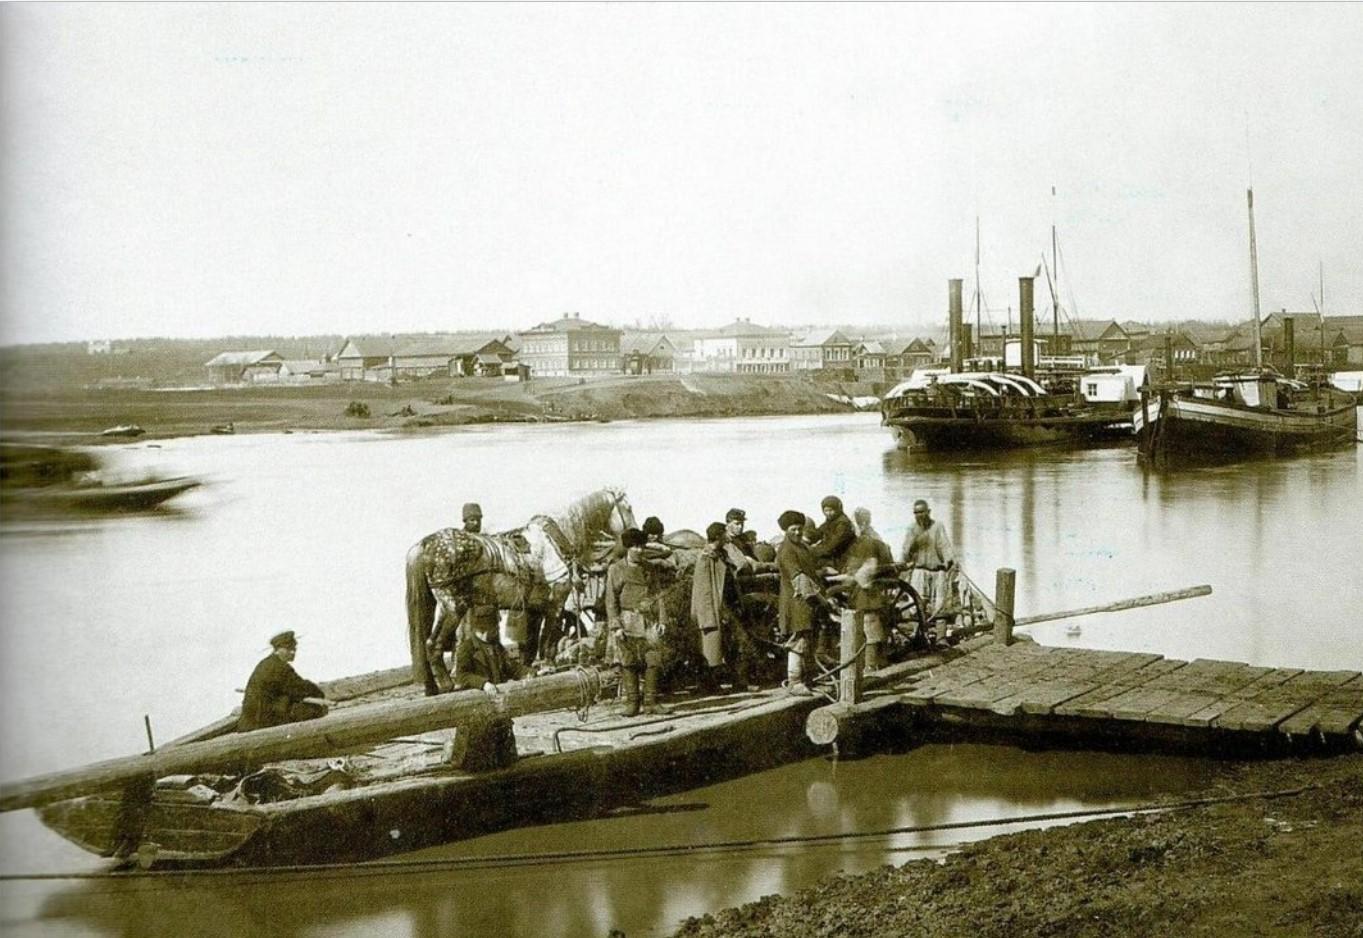 Вид на Игумнову слободу во время разлития Казанки